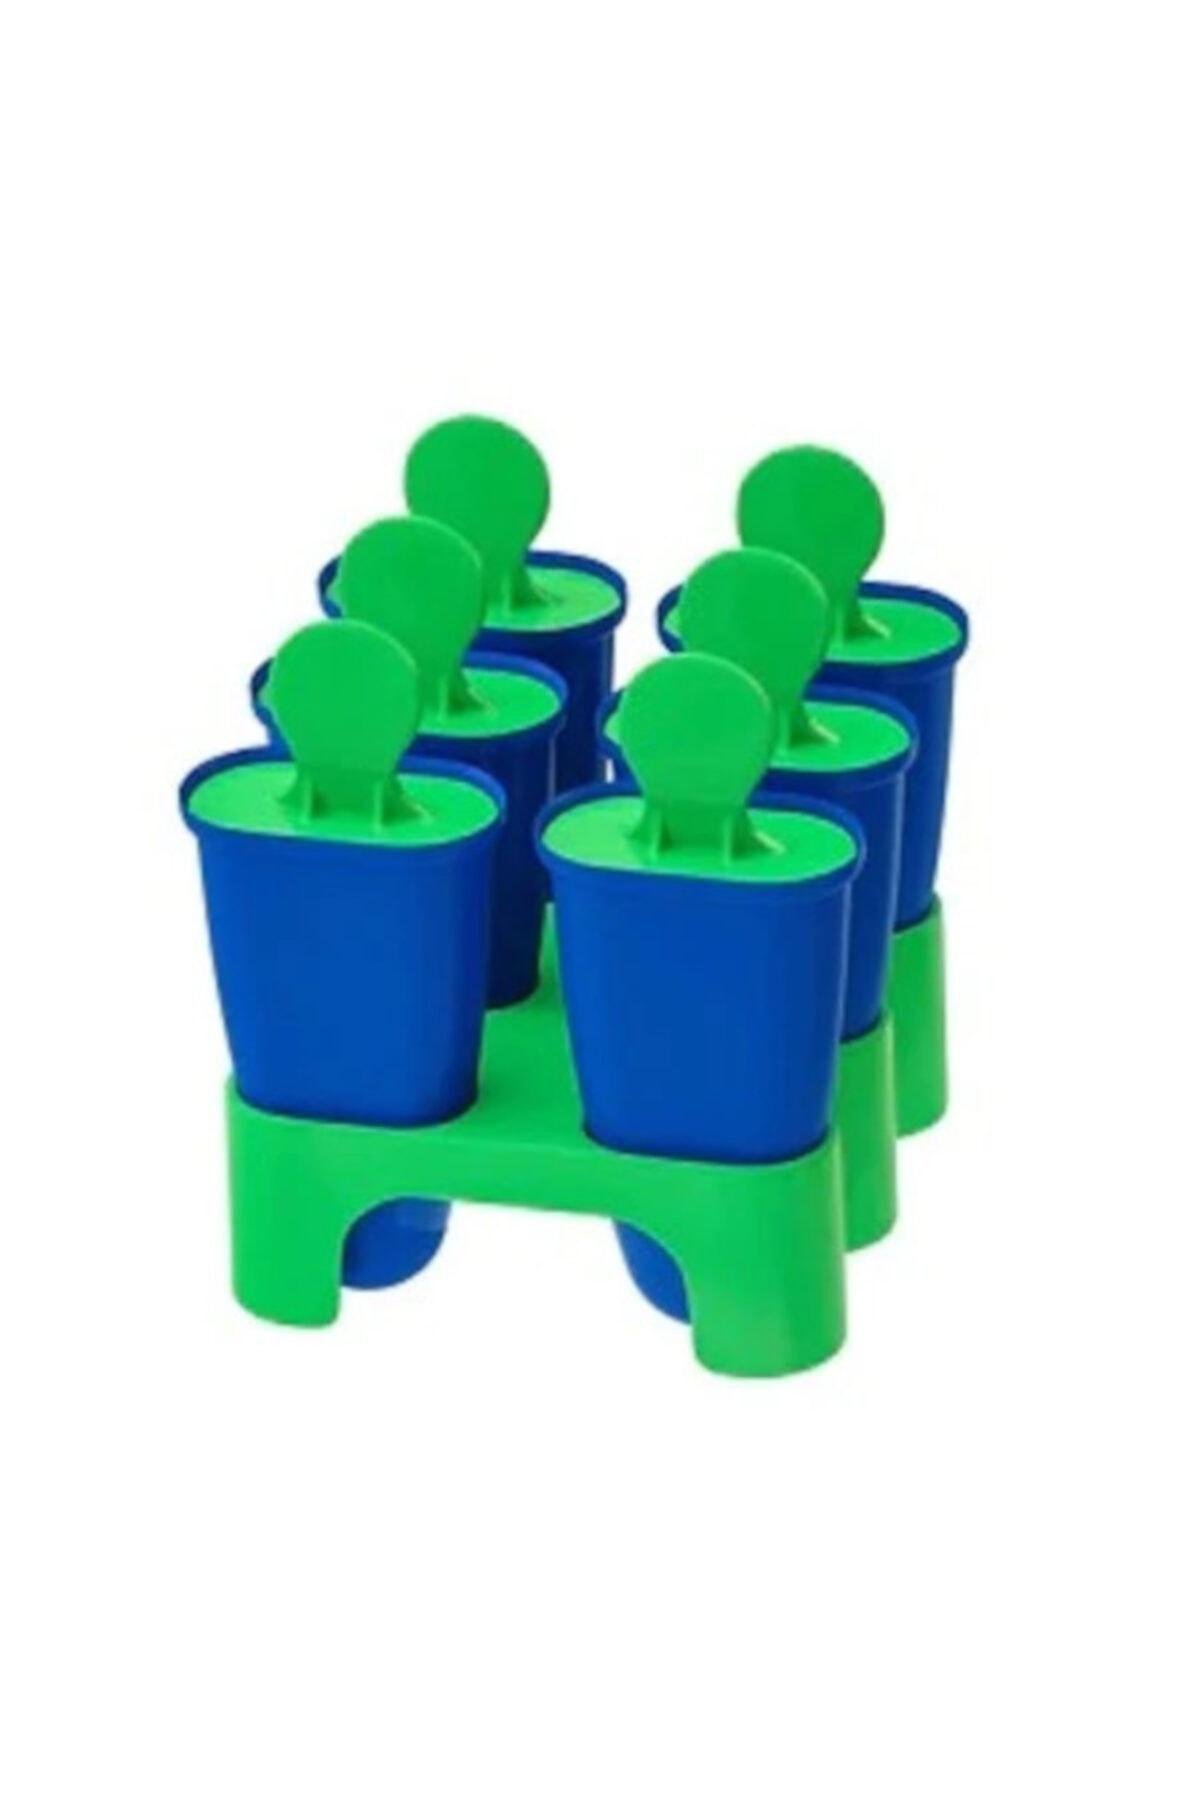 Dondurma Kalıbı Meridyendukkan 6lı 10 Cm Mavi-yeşil Renk